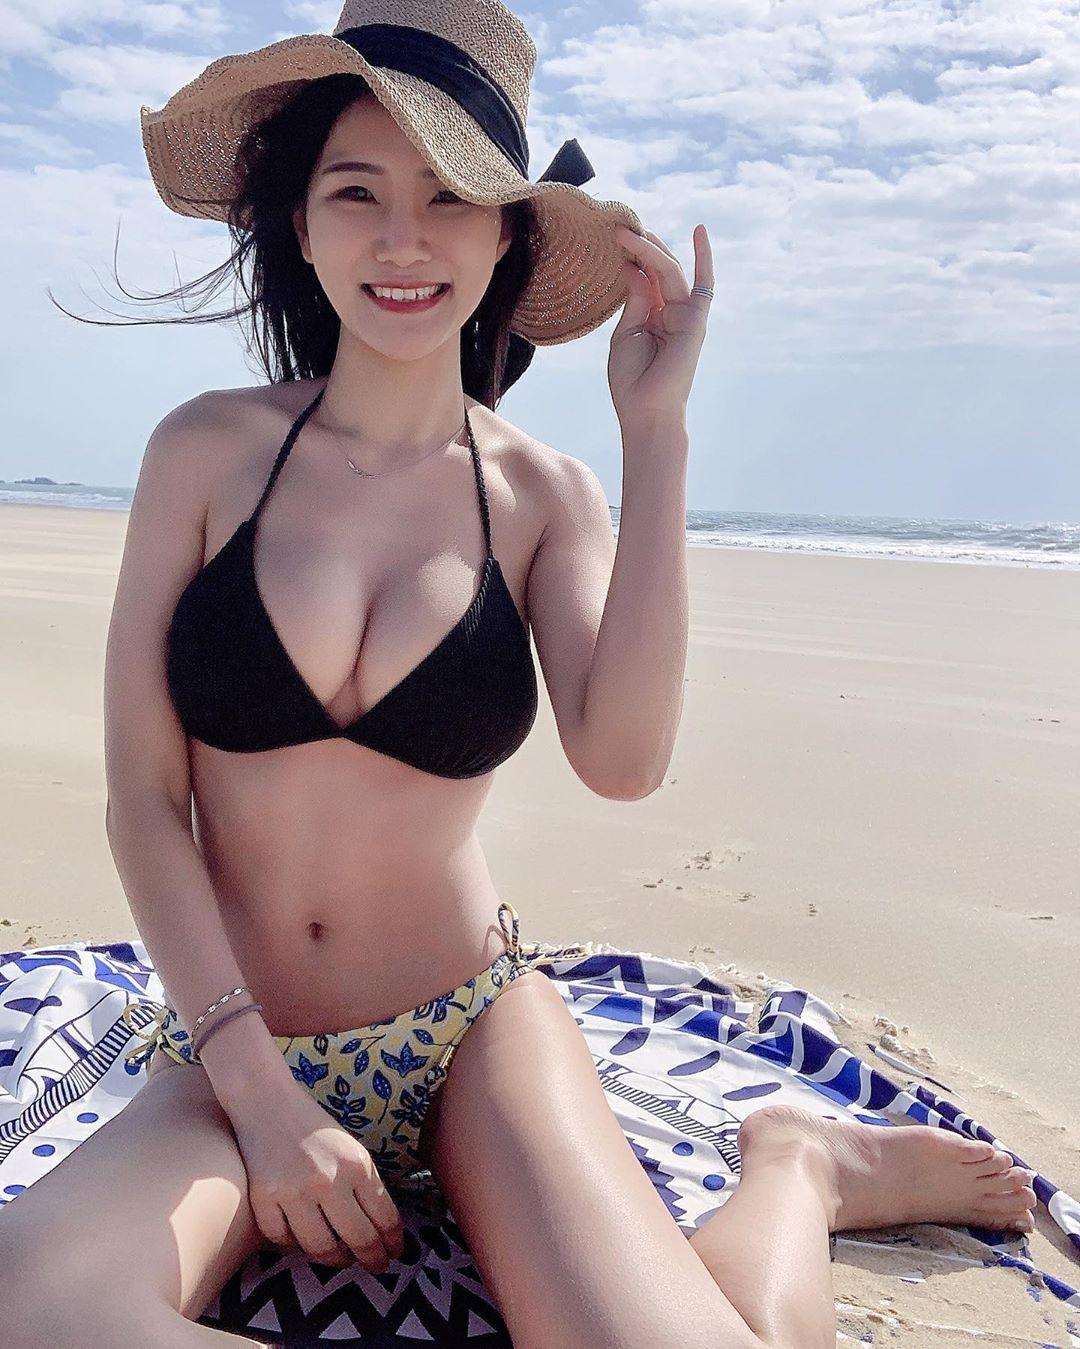 台北银行理财专员林小欣沙滩展示极品身材超凶猛 养眼图片 第1张